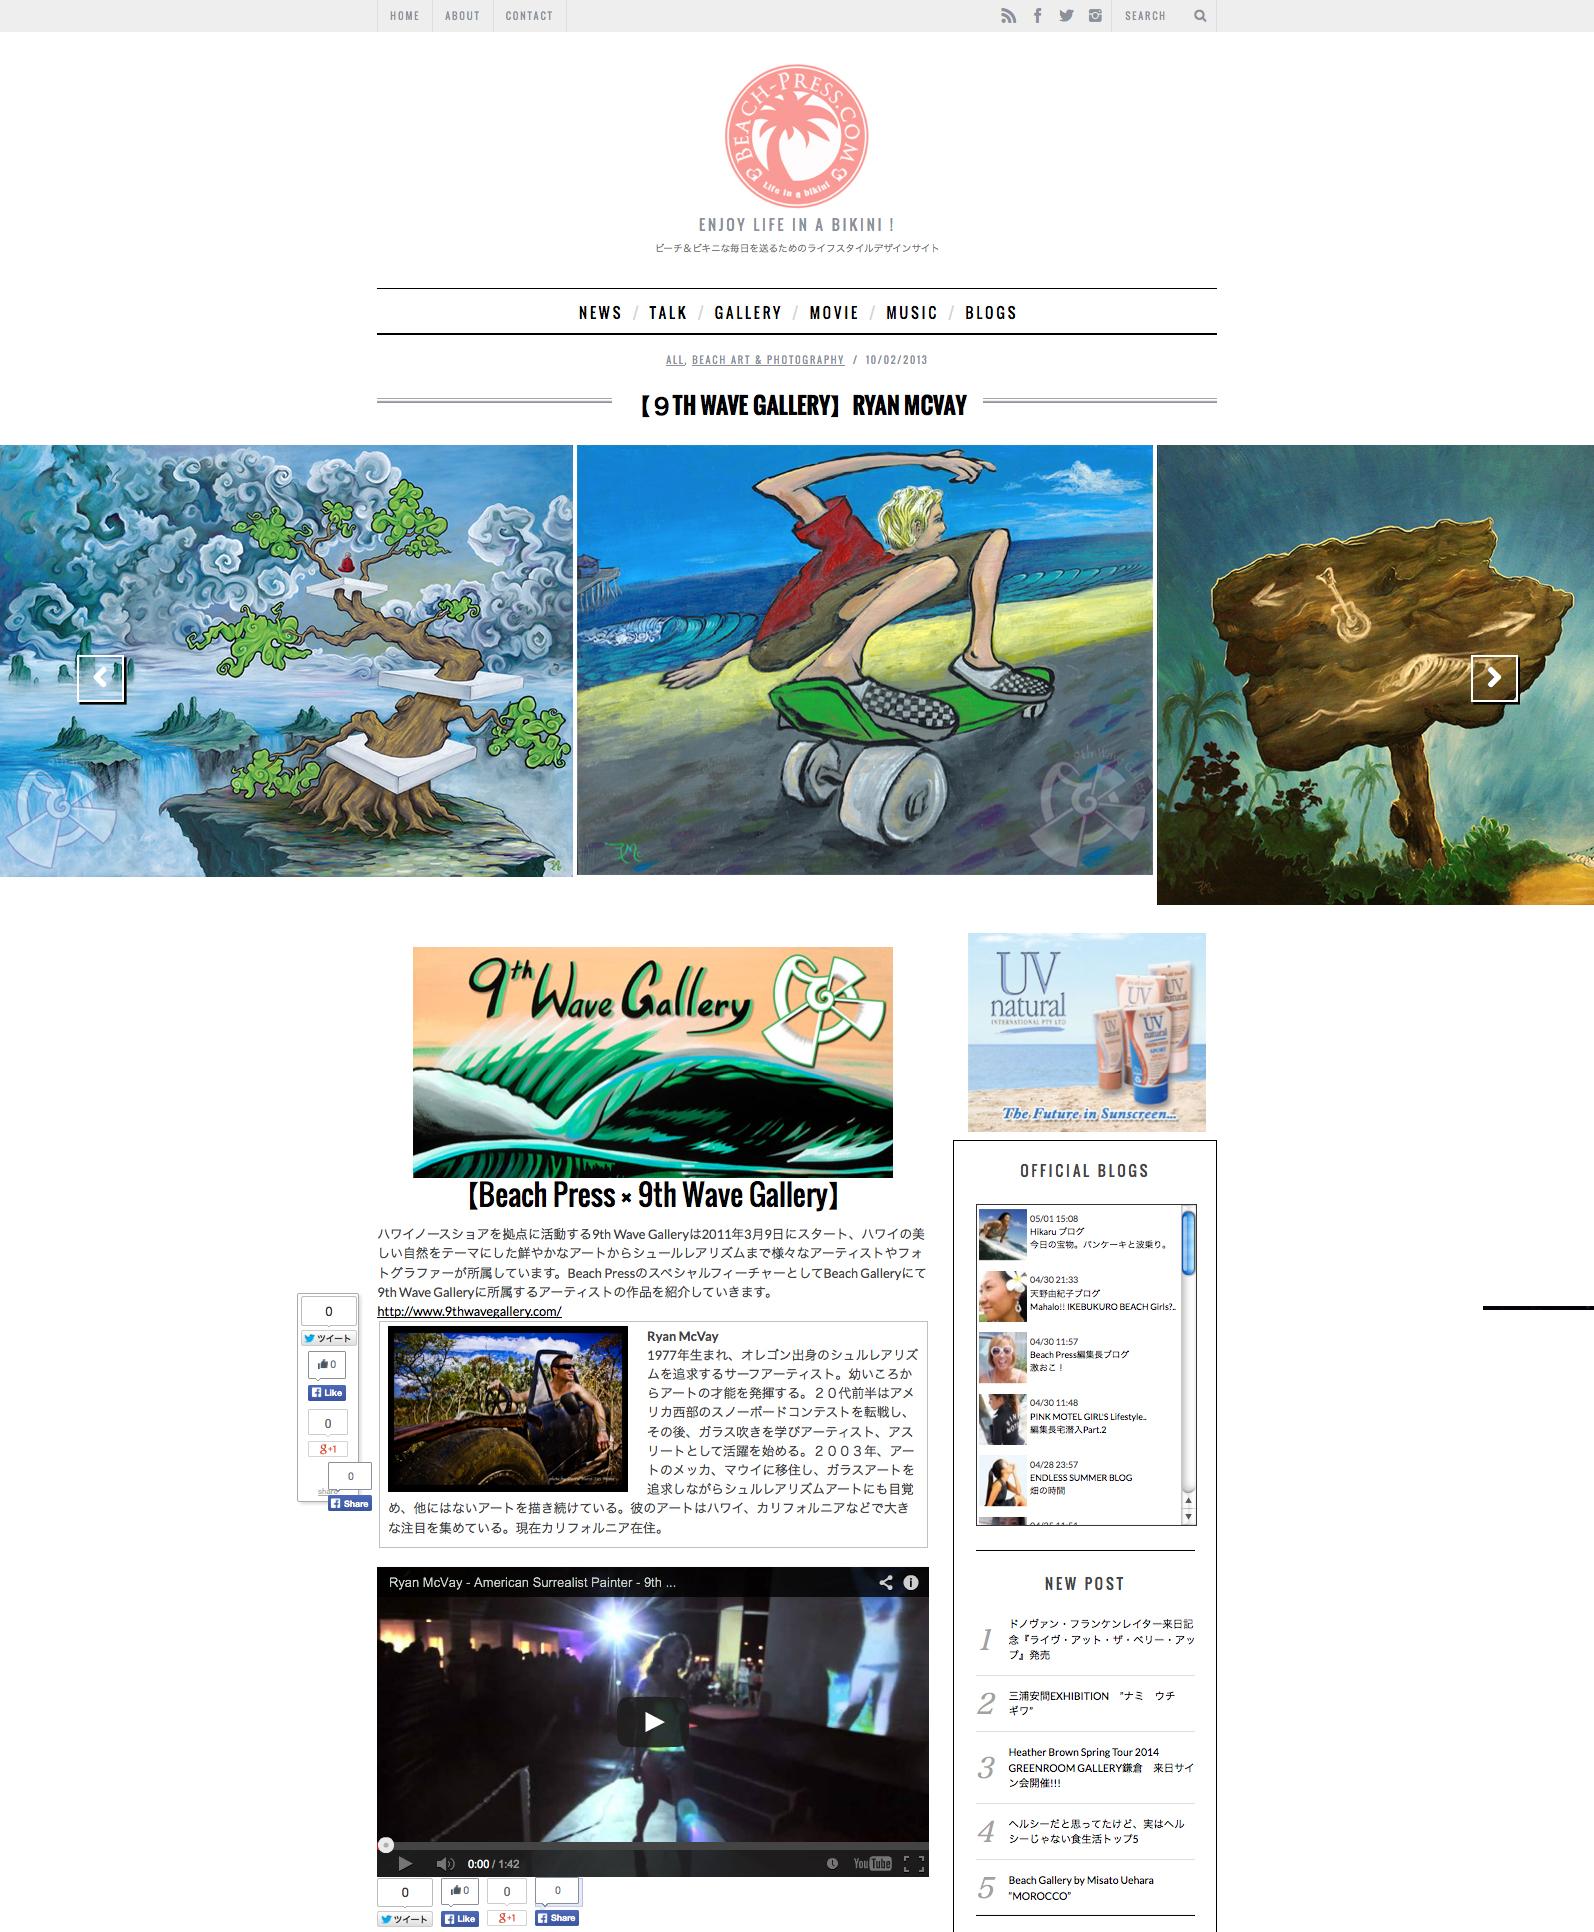 2013-10-02-ryan-mcvay-beach-press.jpg